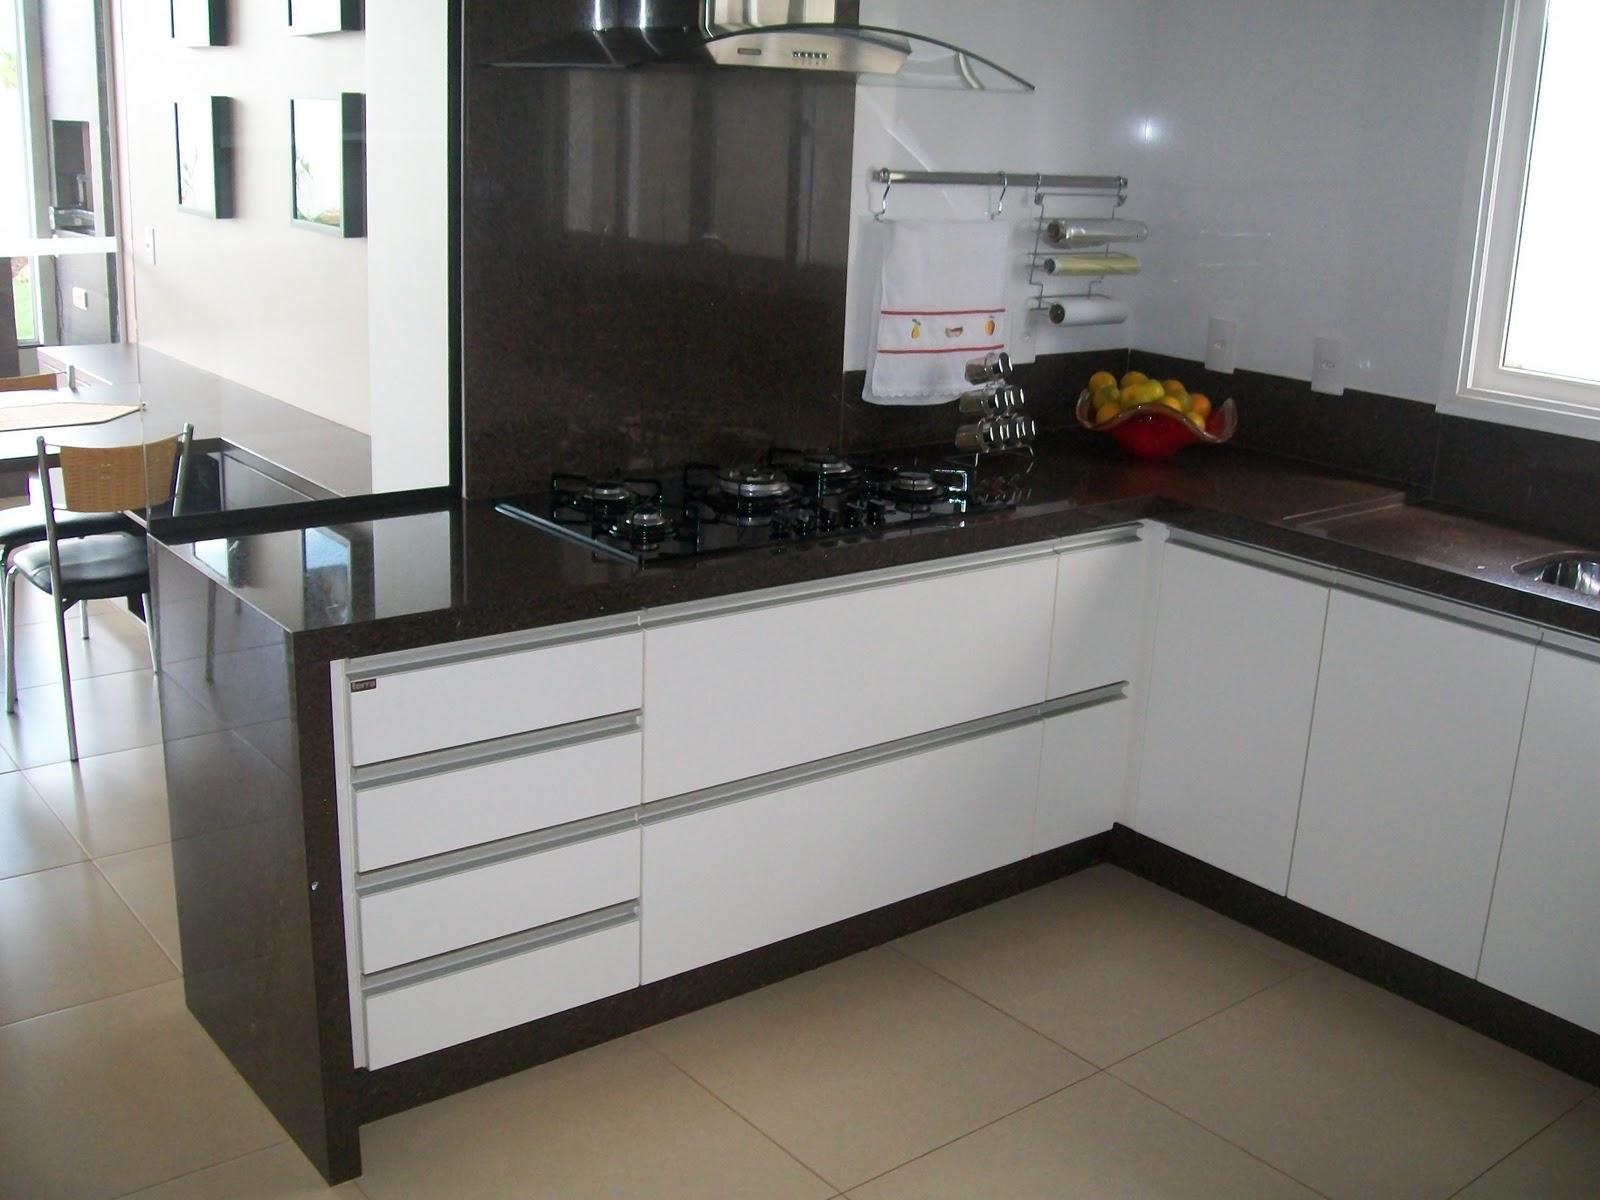 SIMPLISMENTE DECORAR: Que delicias de cozinha #5B5141 1600 1200